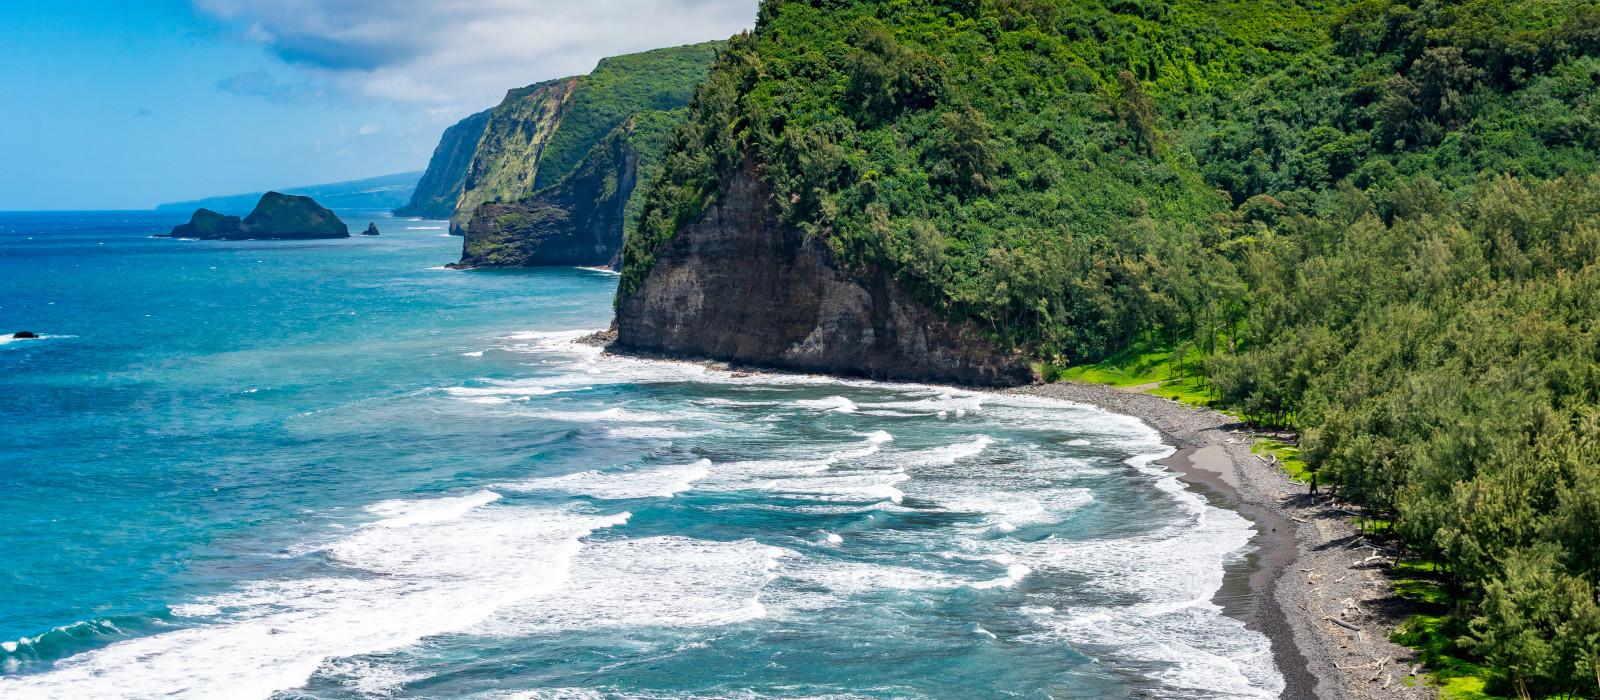 Destination Big Island of Hawaii Hawaii